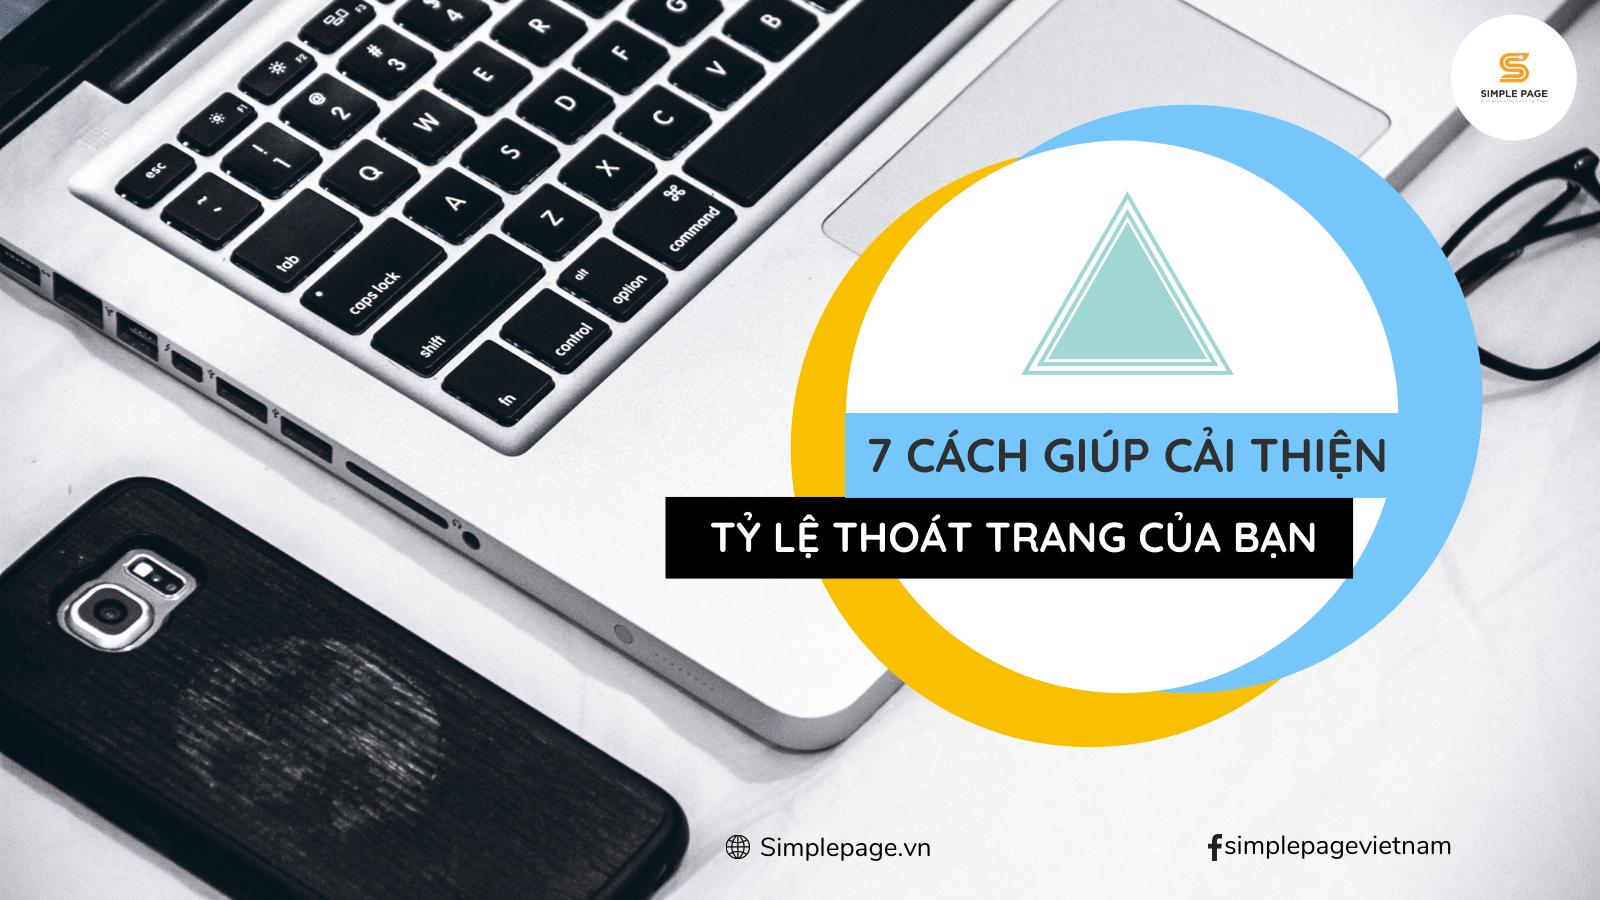 7-cach-de-cai-thien-ty-le-thoat-trang